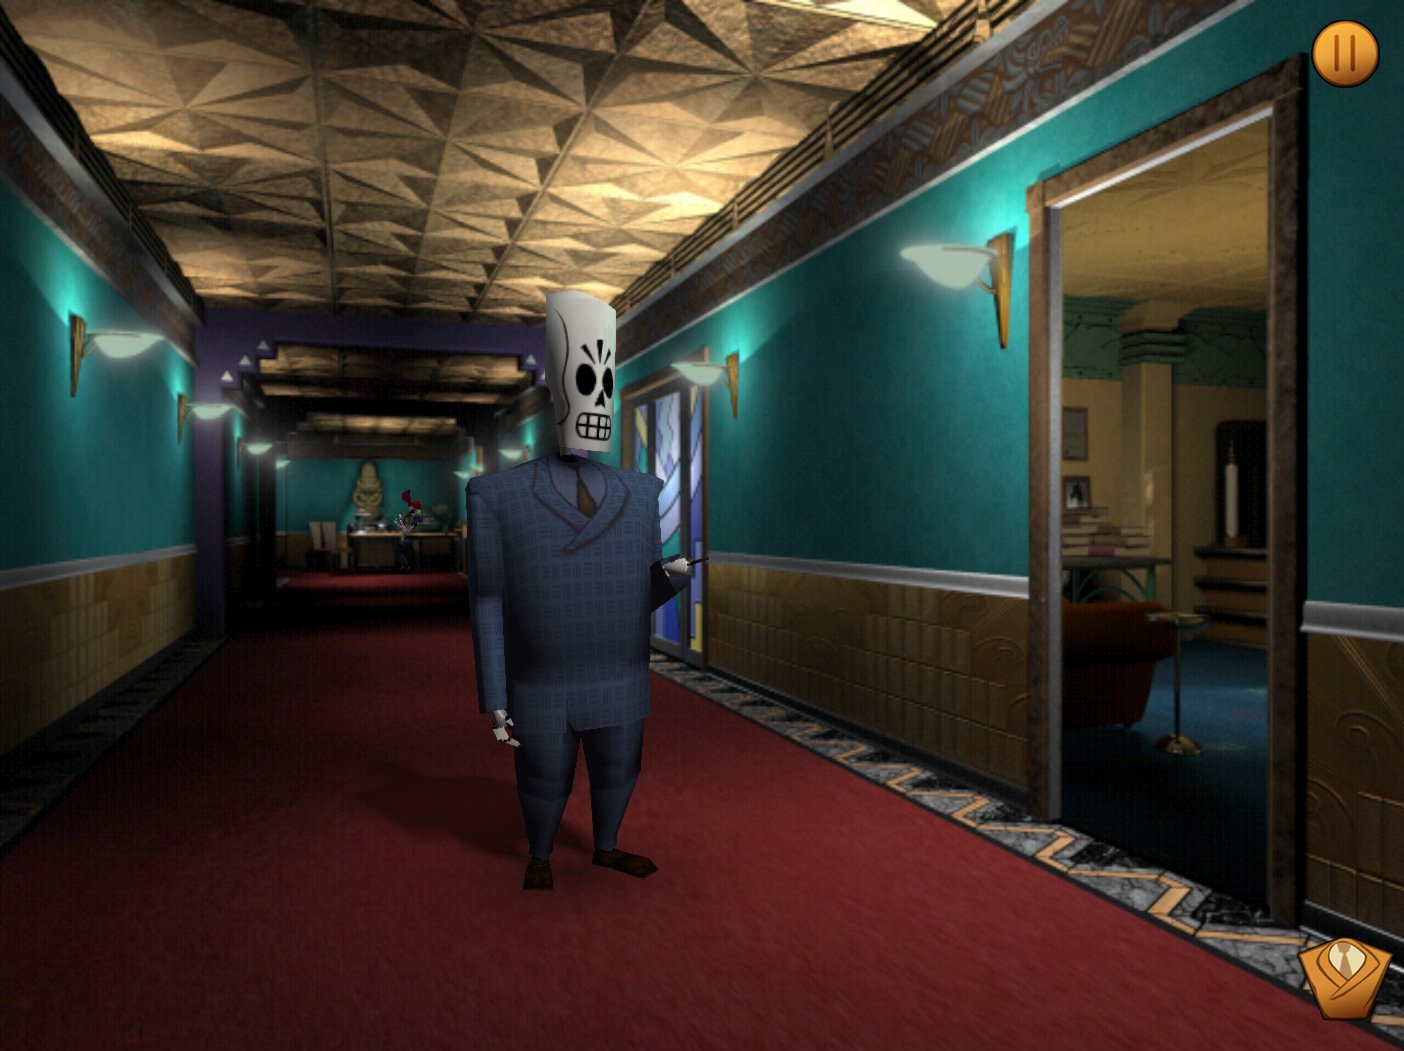 Grim Fandango Remastered - Imágenes juego PC - 3DJuegos